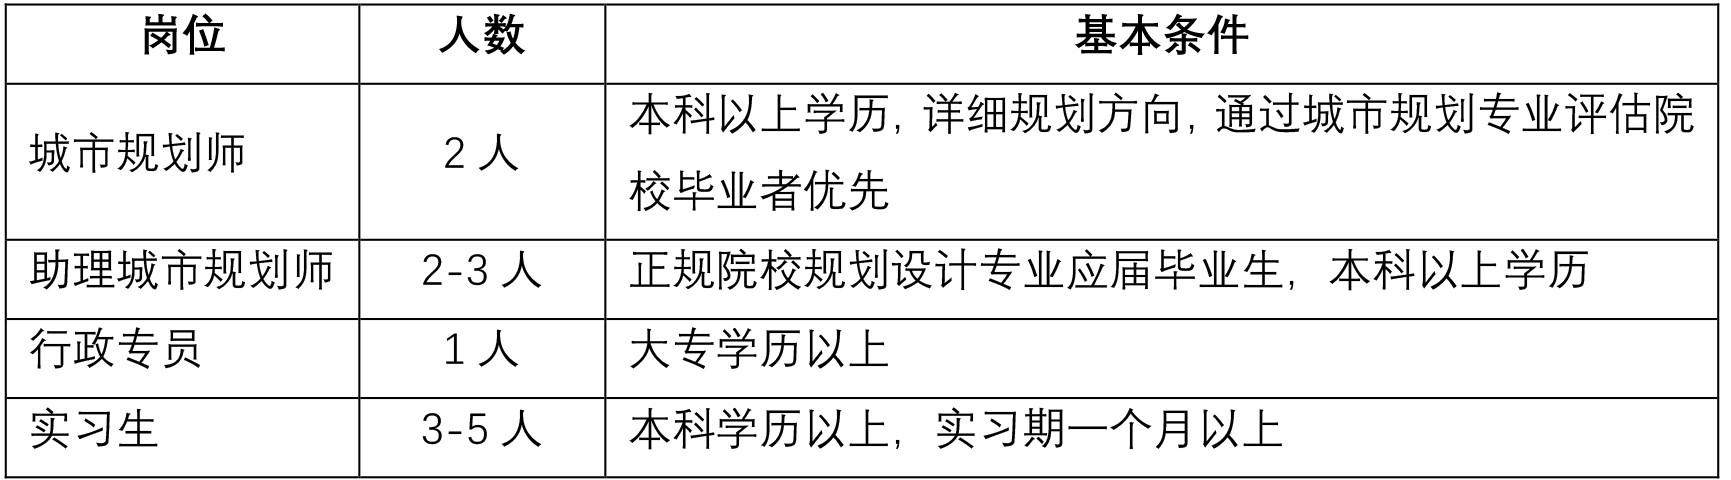 浙大规划院-招聘启事-2.jpg